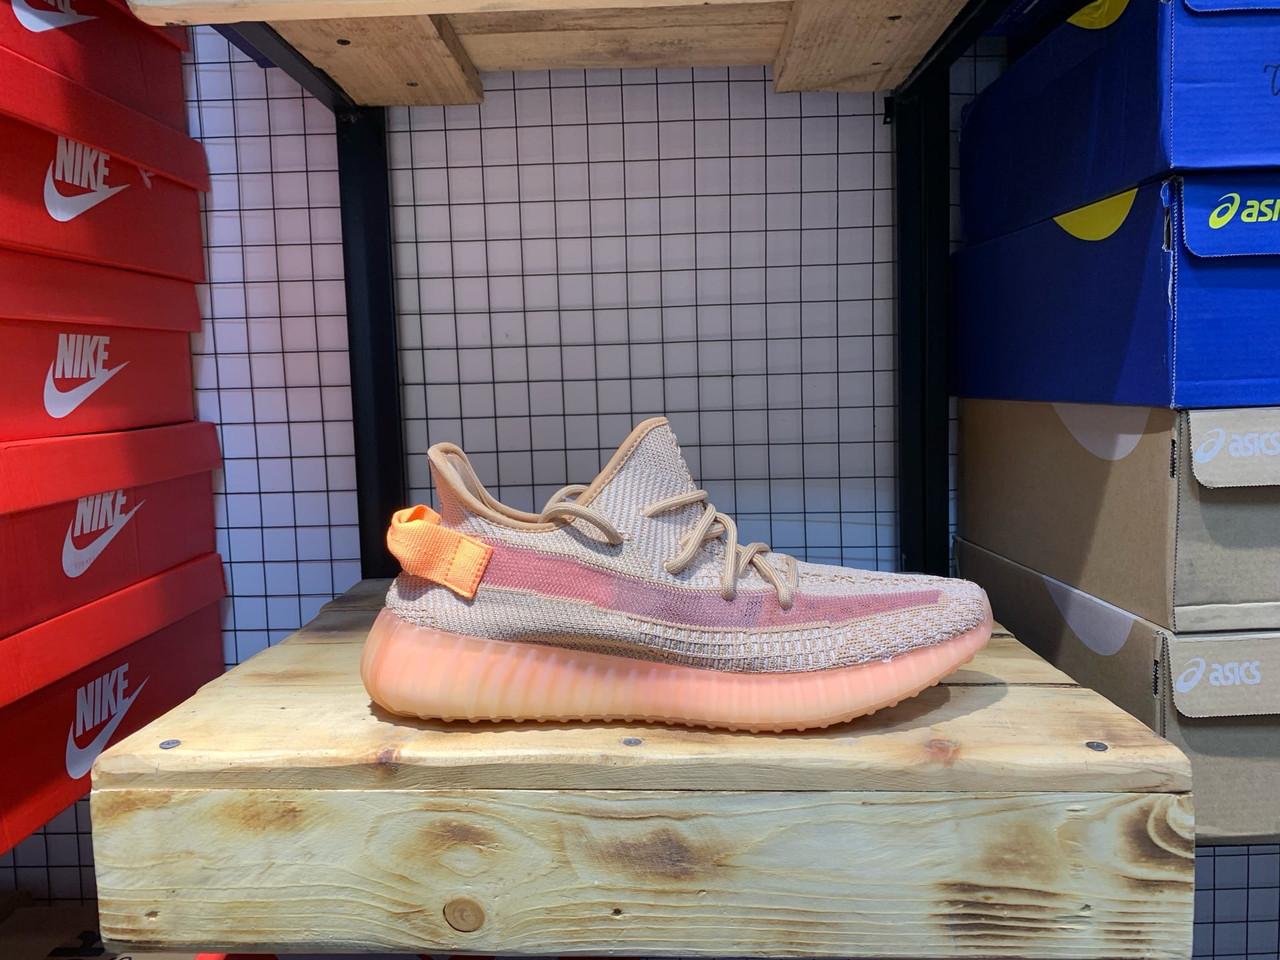 Кроссовки Adidas Yeezy Boost 350 V2 Clay - фото 2